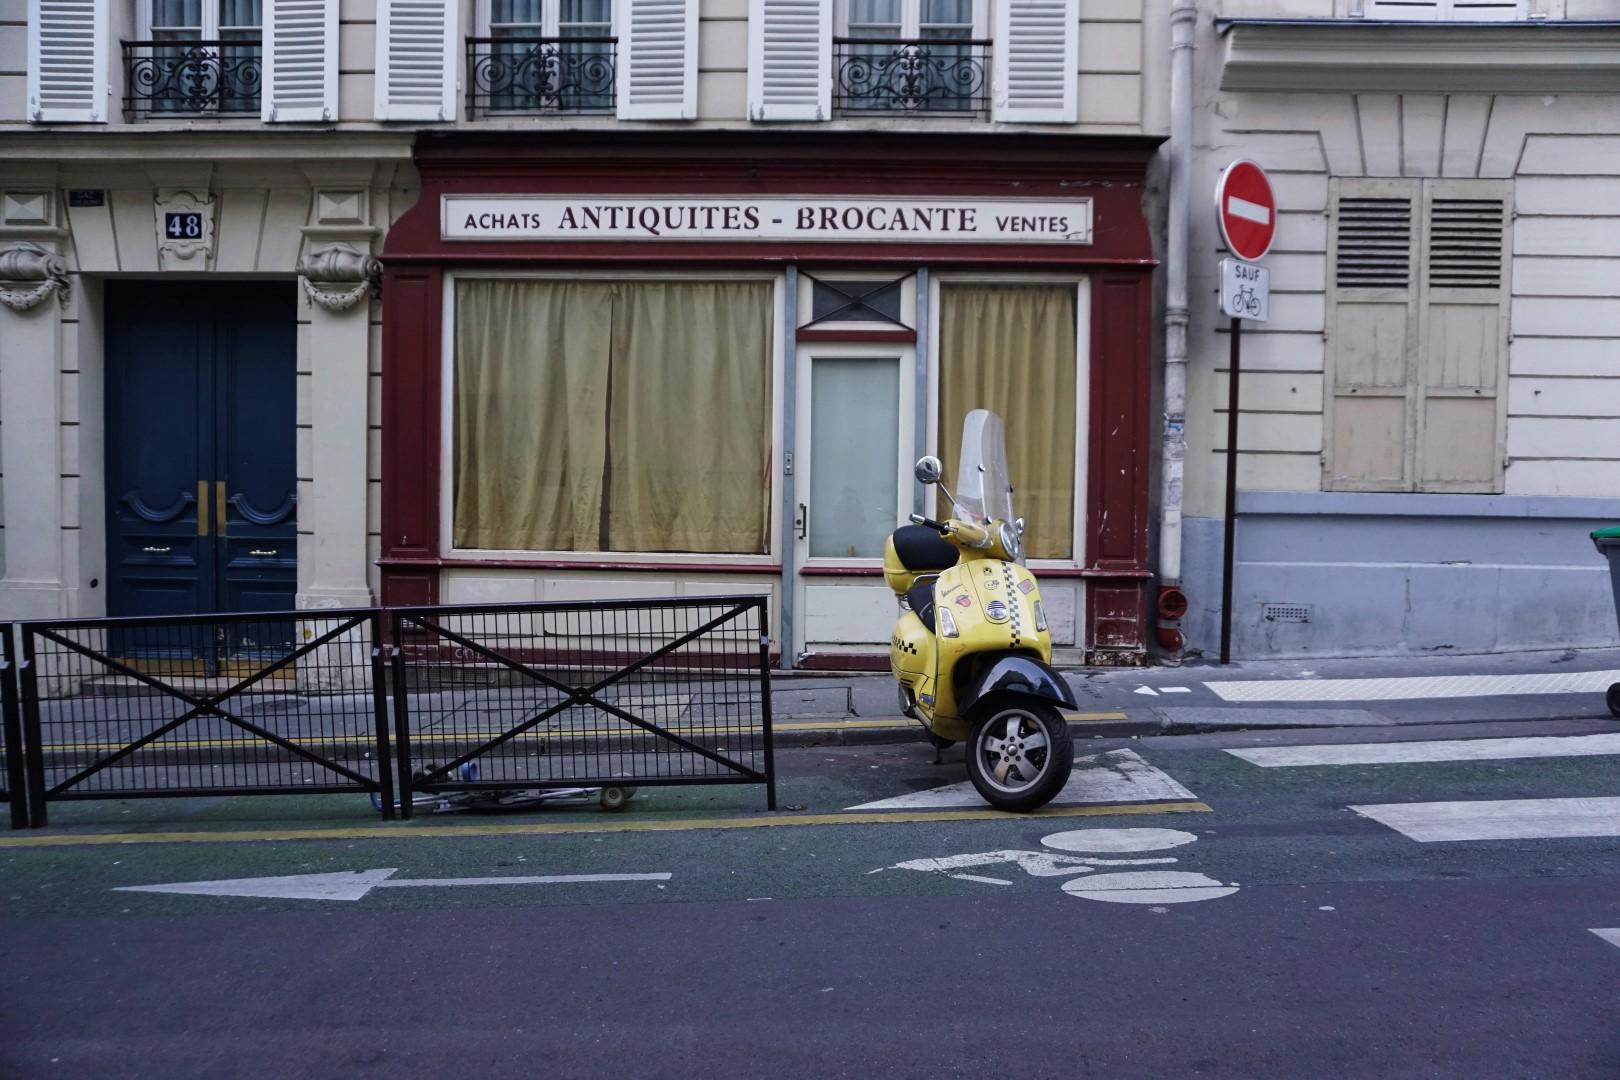 Rue des Martyrs - Balade dans les 9e et 10e arrondissements de Paris - De place de la République à Pigalle